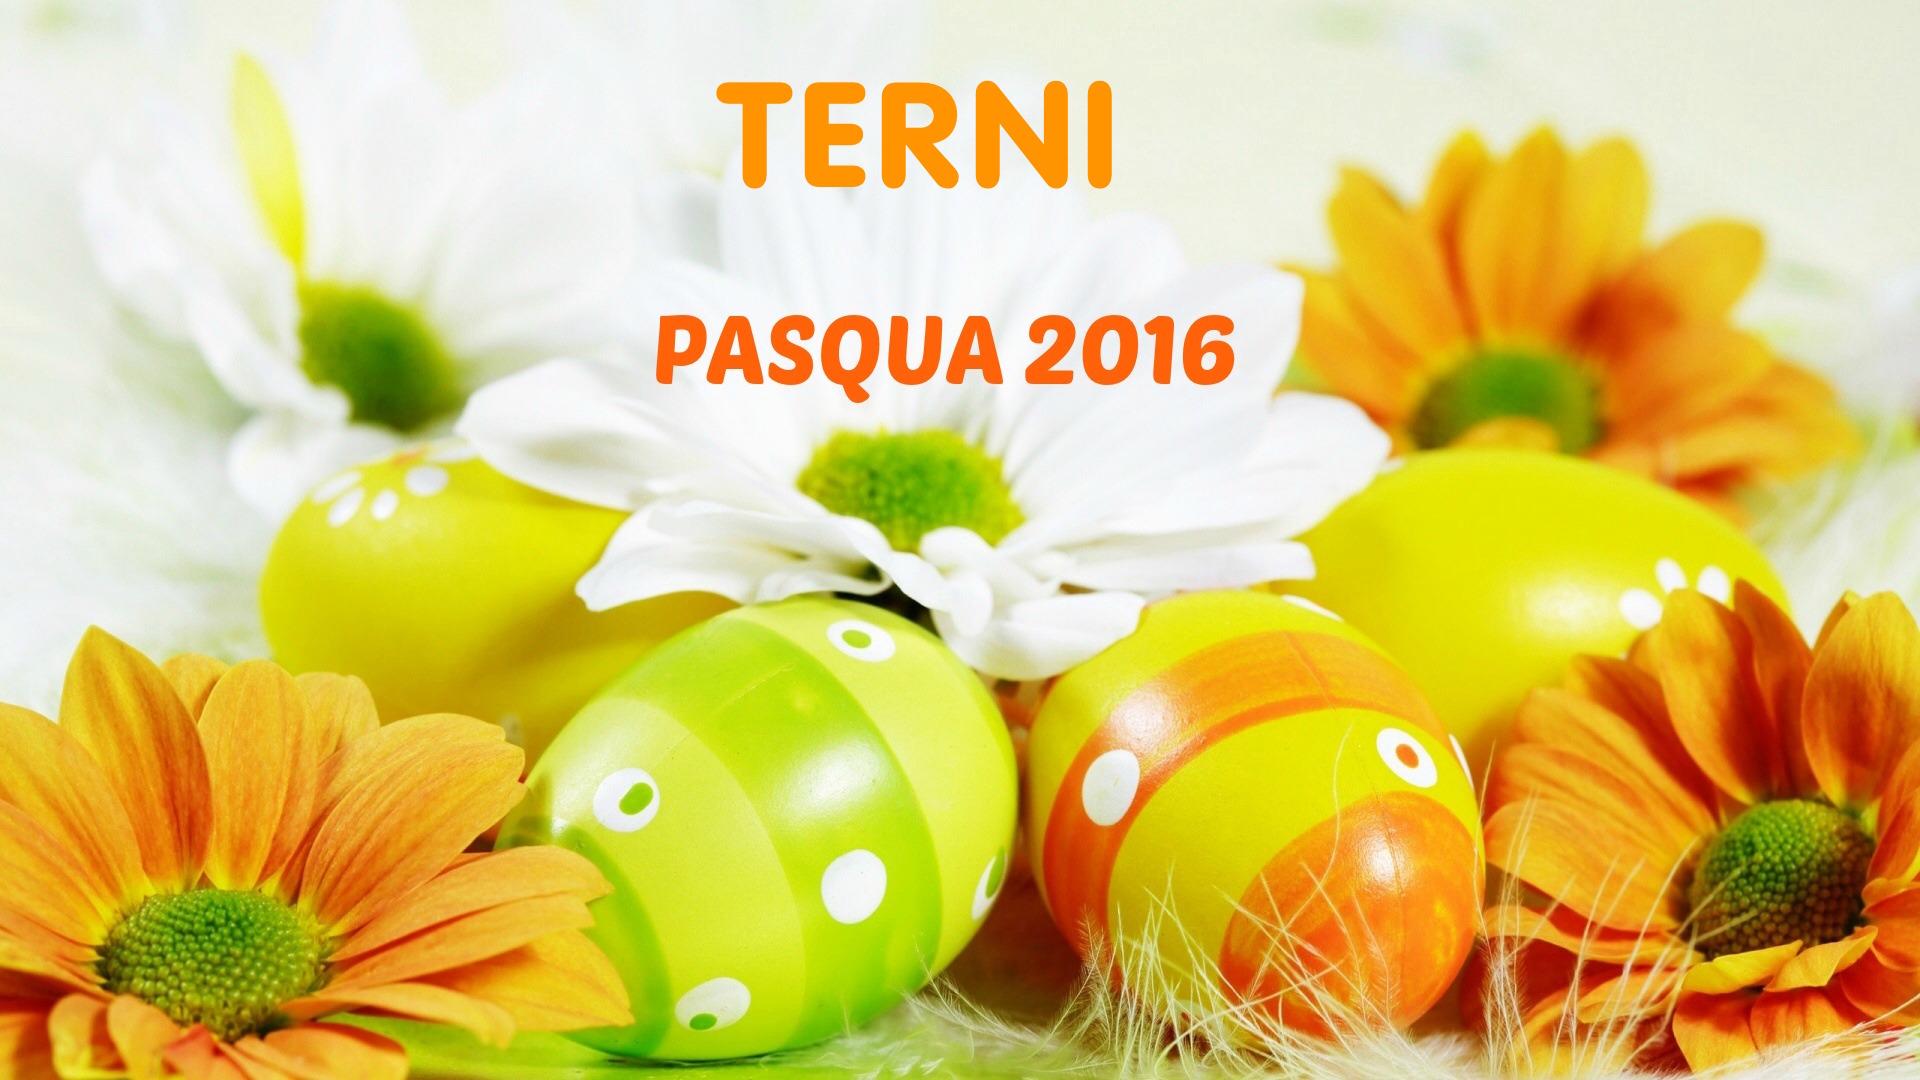 pasqua-2016-terni